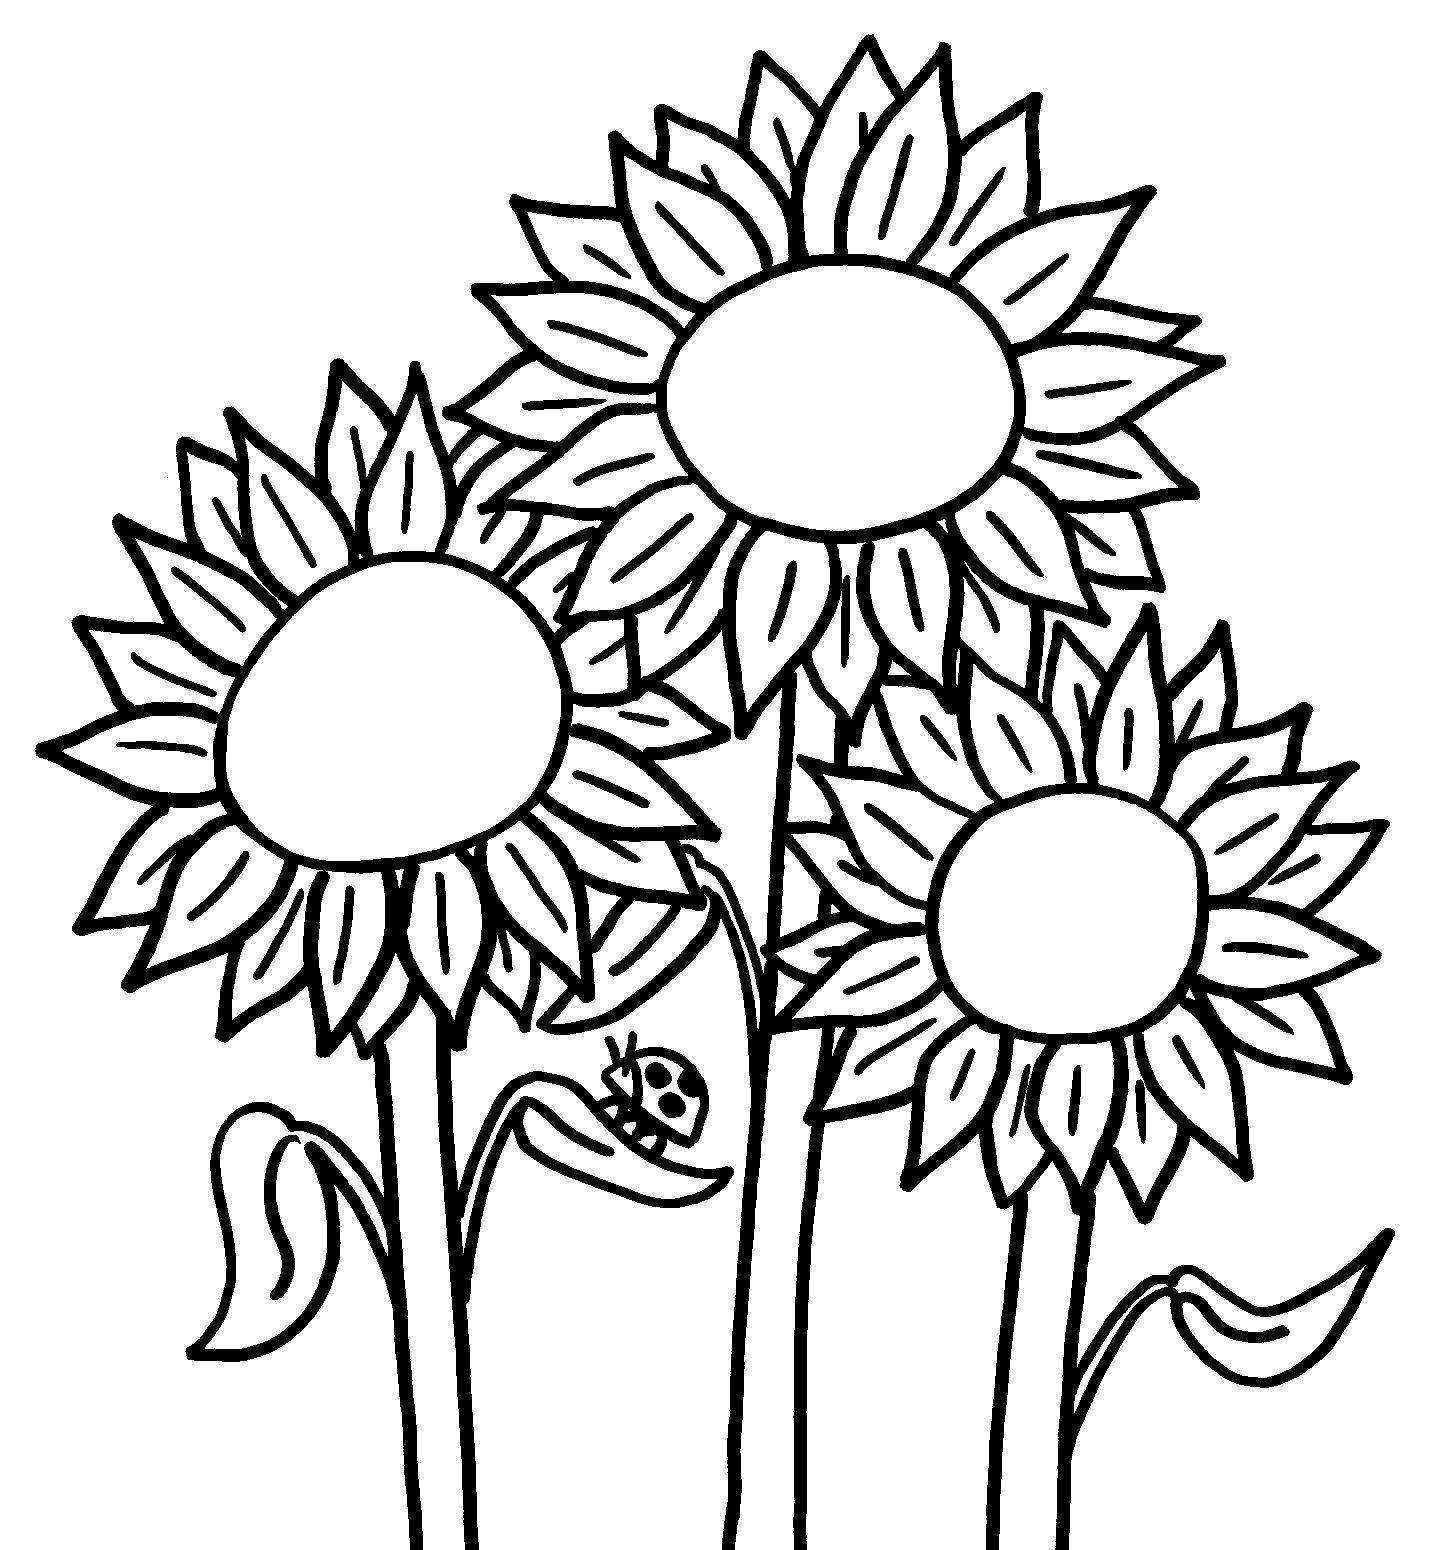 Божья коровка Подсолнух и божья коровка Раскраски цветы скачать раскраски цветы